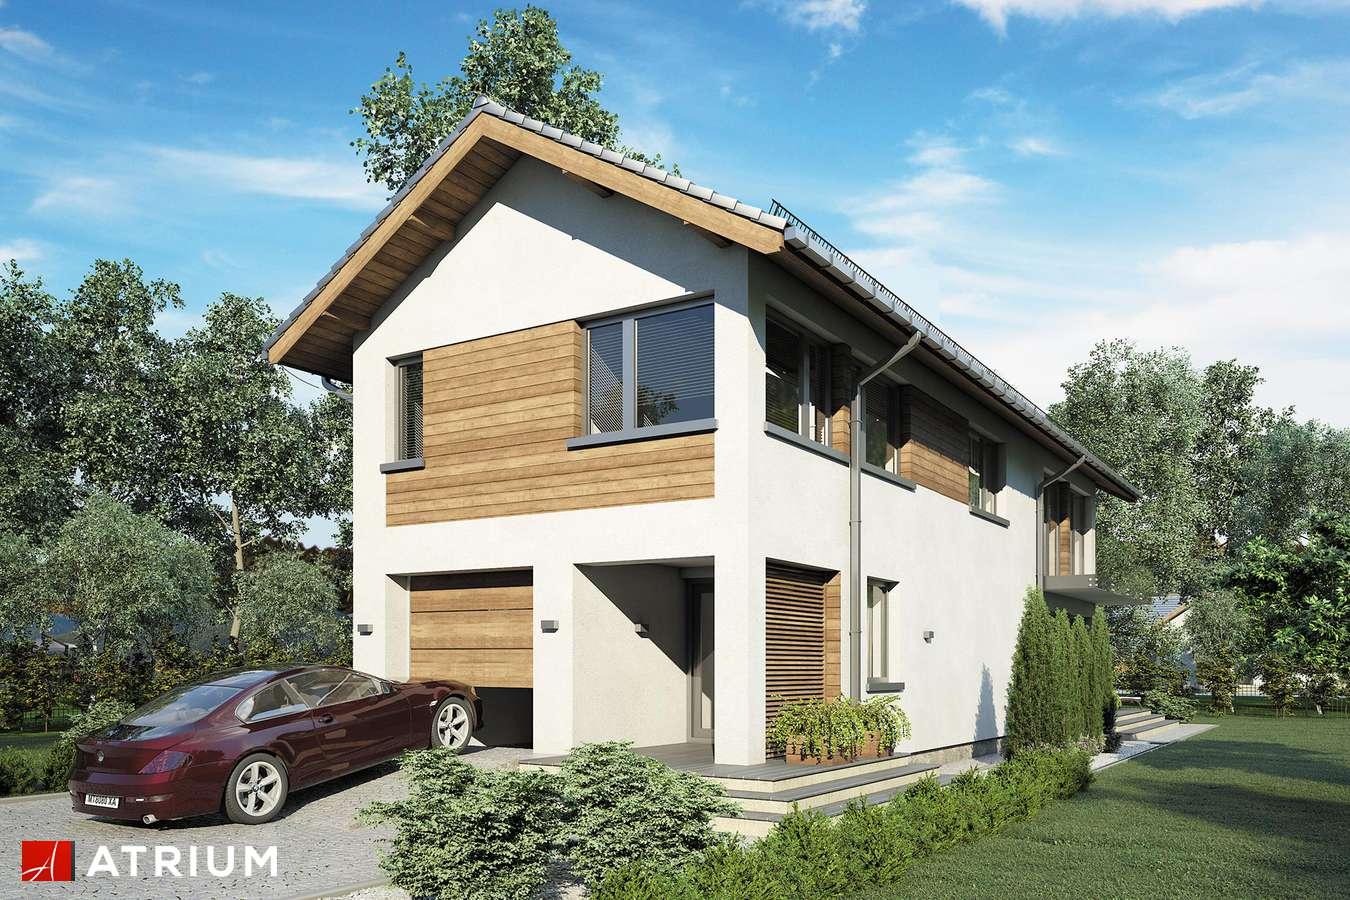 Projekty domów - Projekt domu piętrowego ORLANDO - wizualizacja 2 - wersja lustrzana